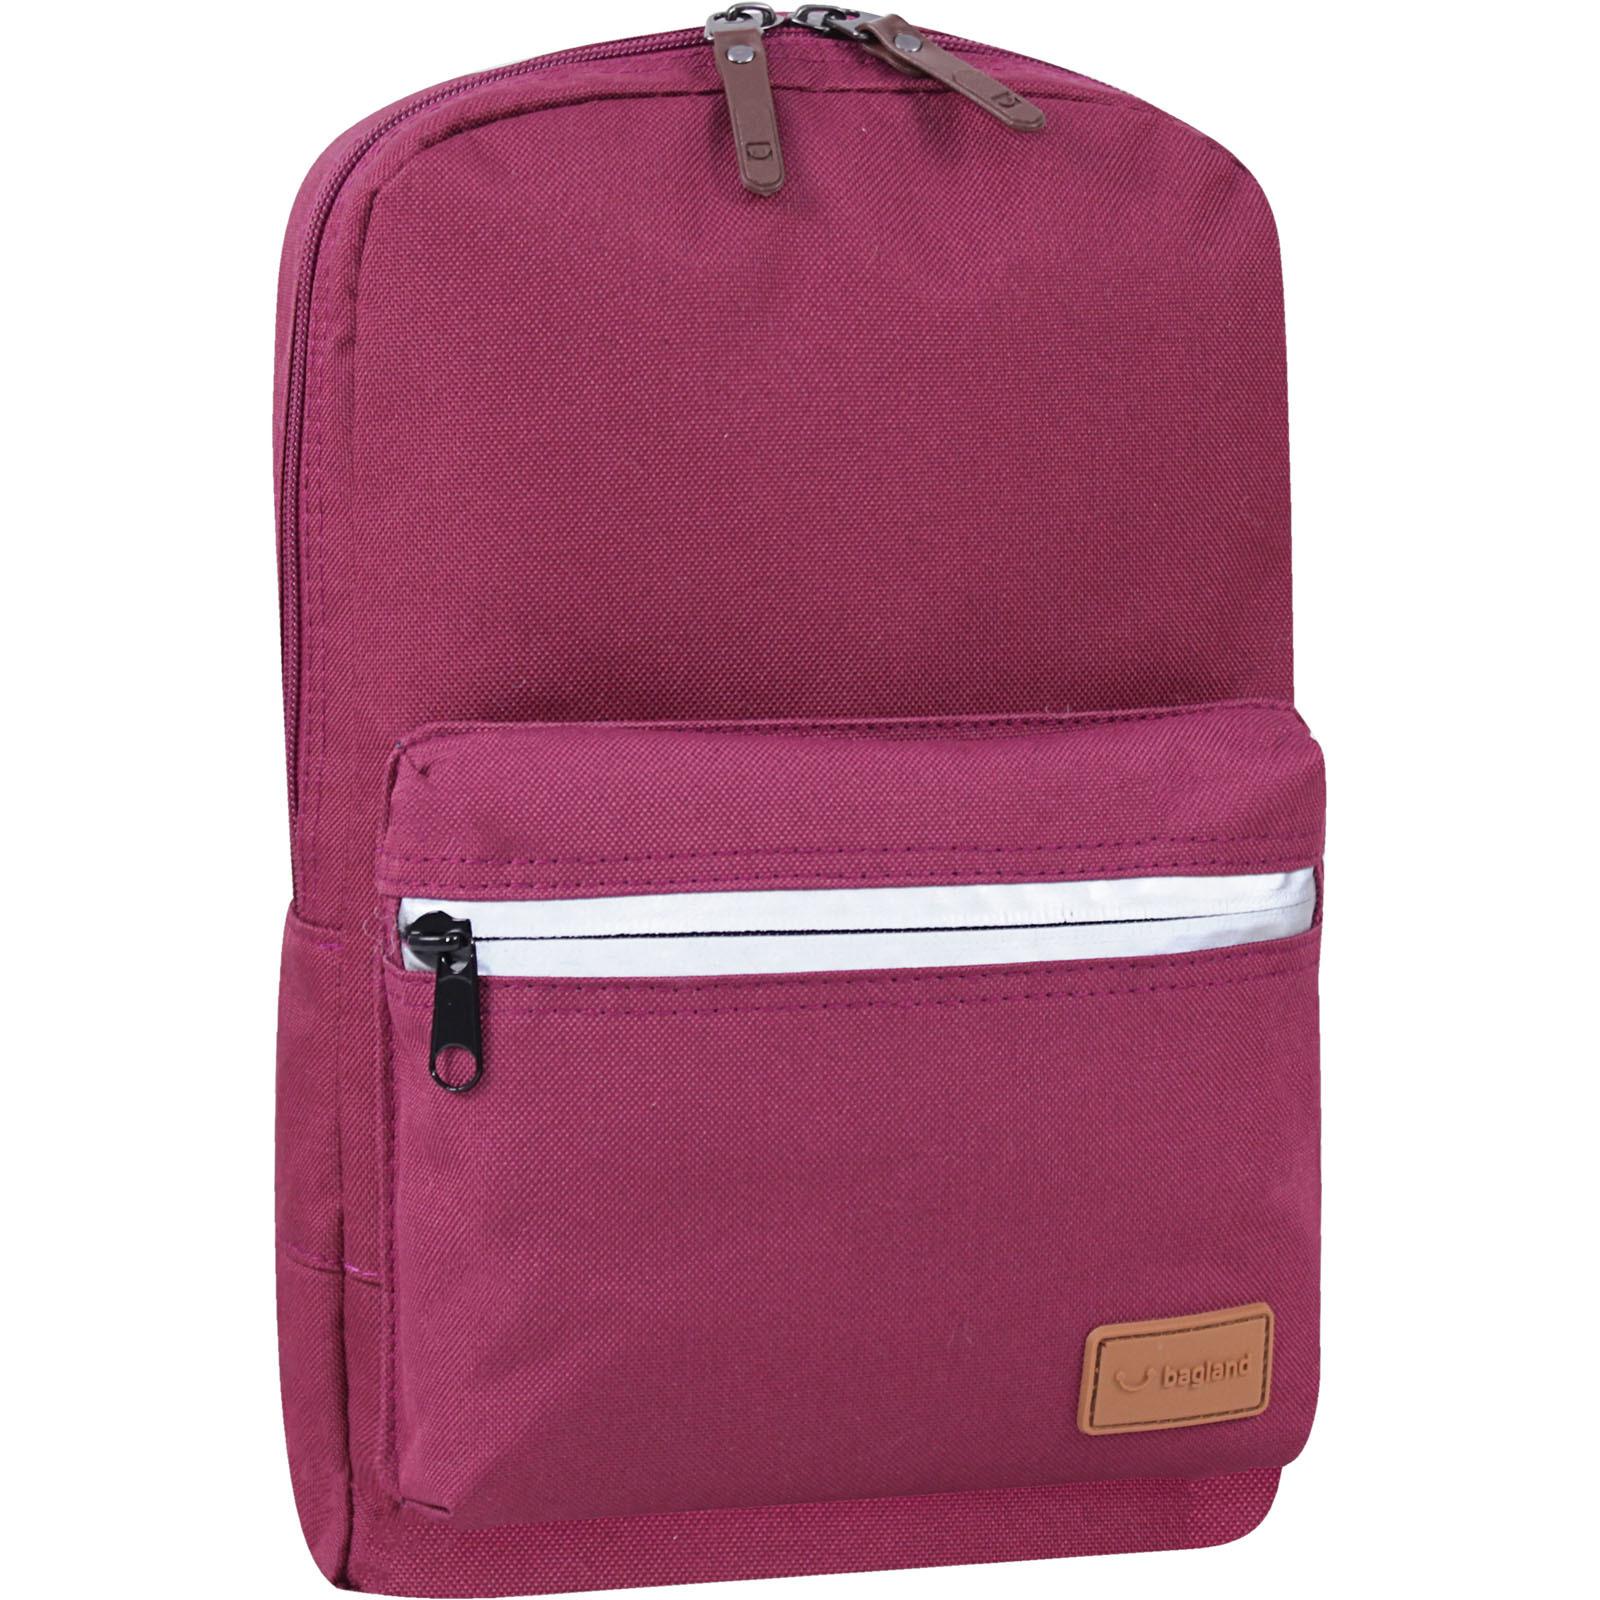 Детские рюкзаки Рюкзак Bagland Молодежный mini 8 л. вишня (0050866) IMG_6783-1600.jpg